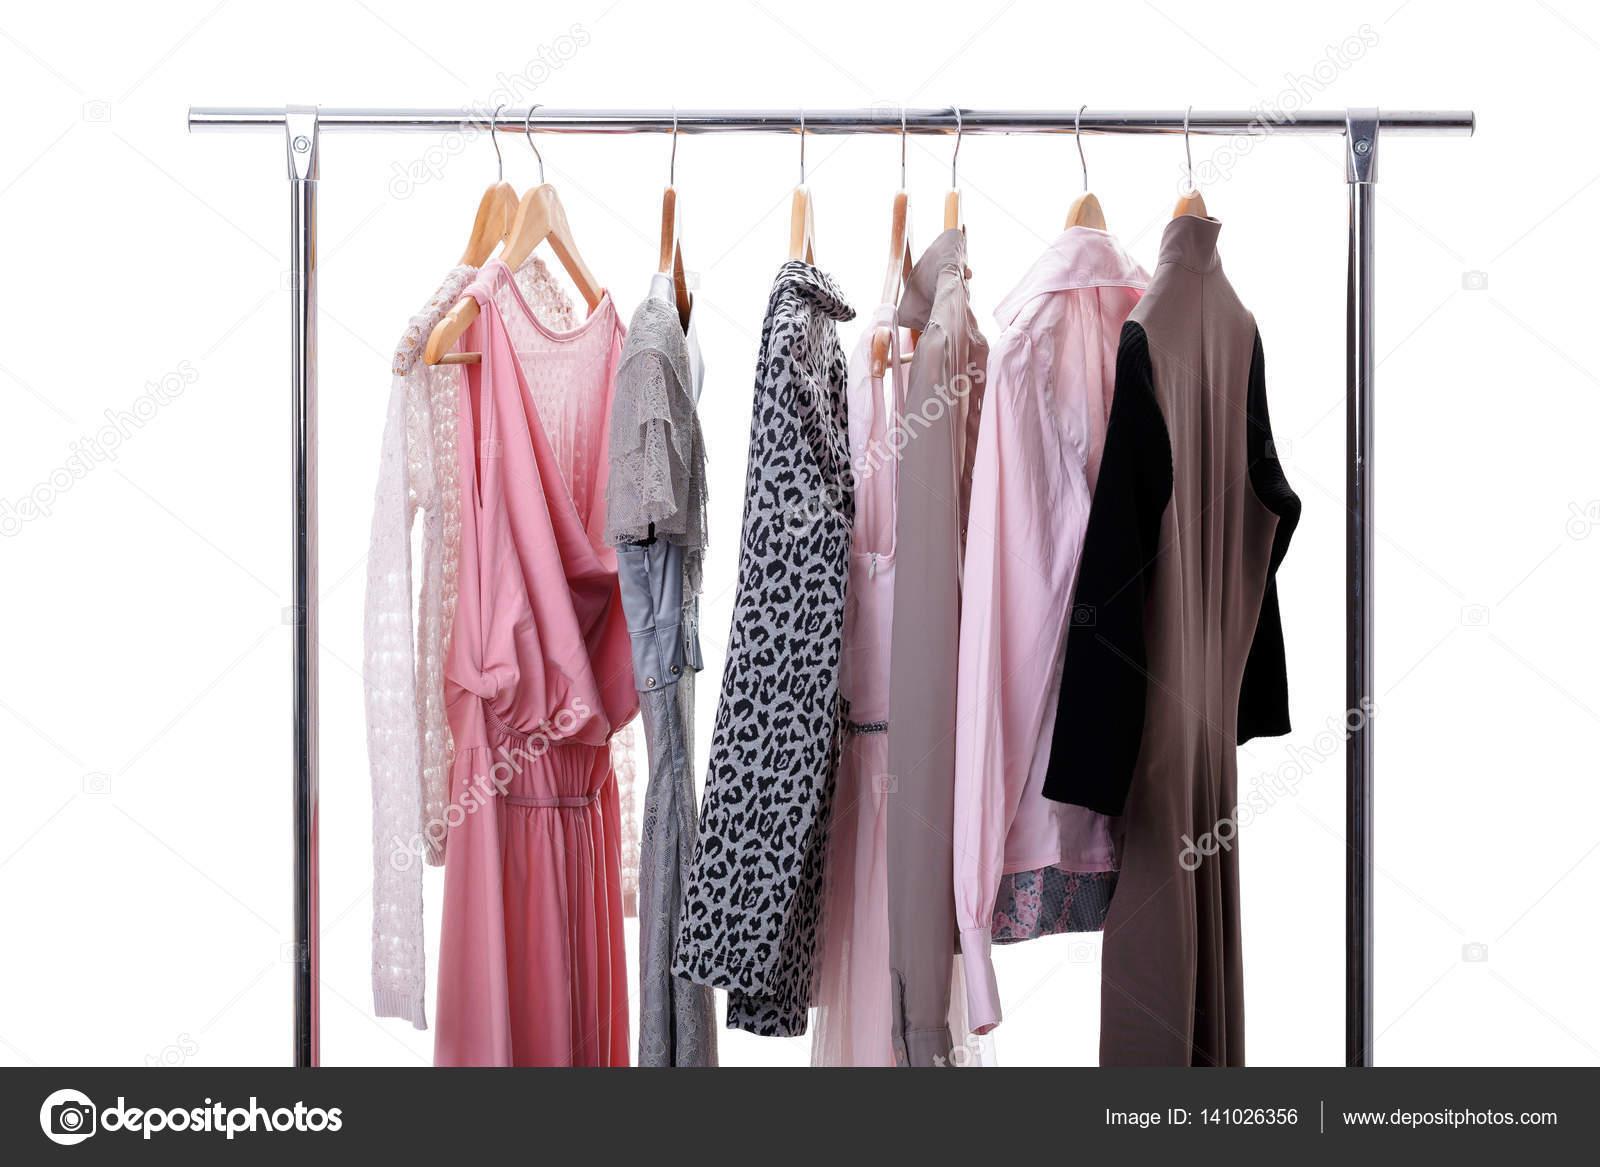 056b36fe1 Szürke, rózsaszín női ruhát akasztók, állvány, fehér háttér — Stock ...